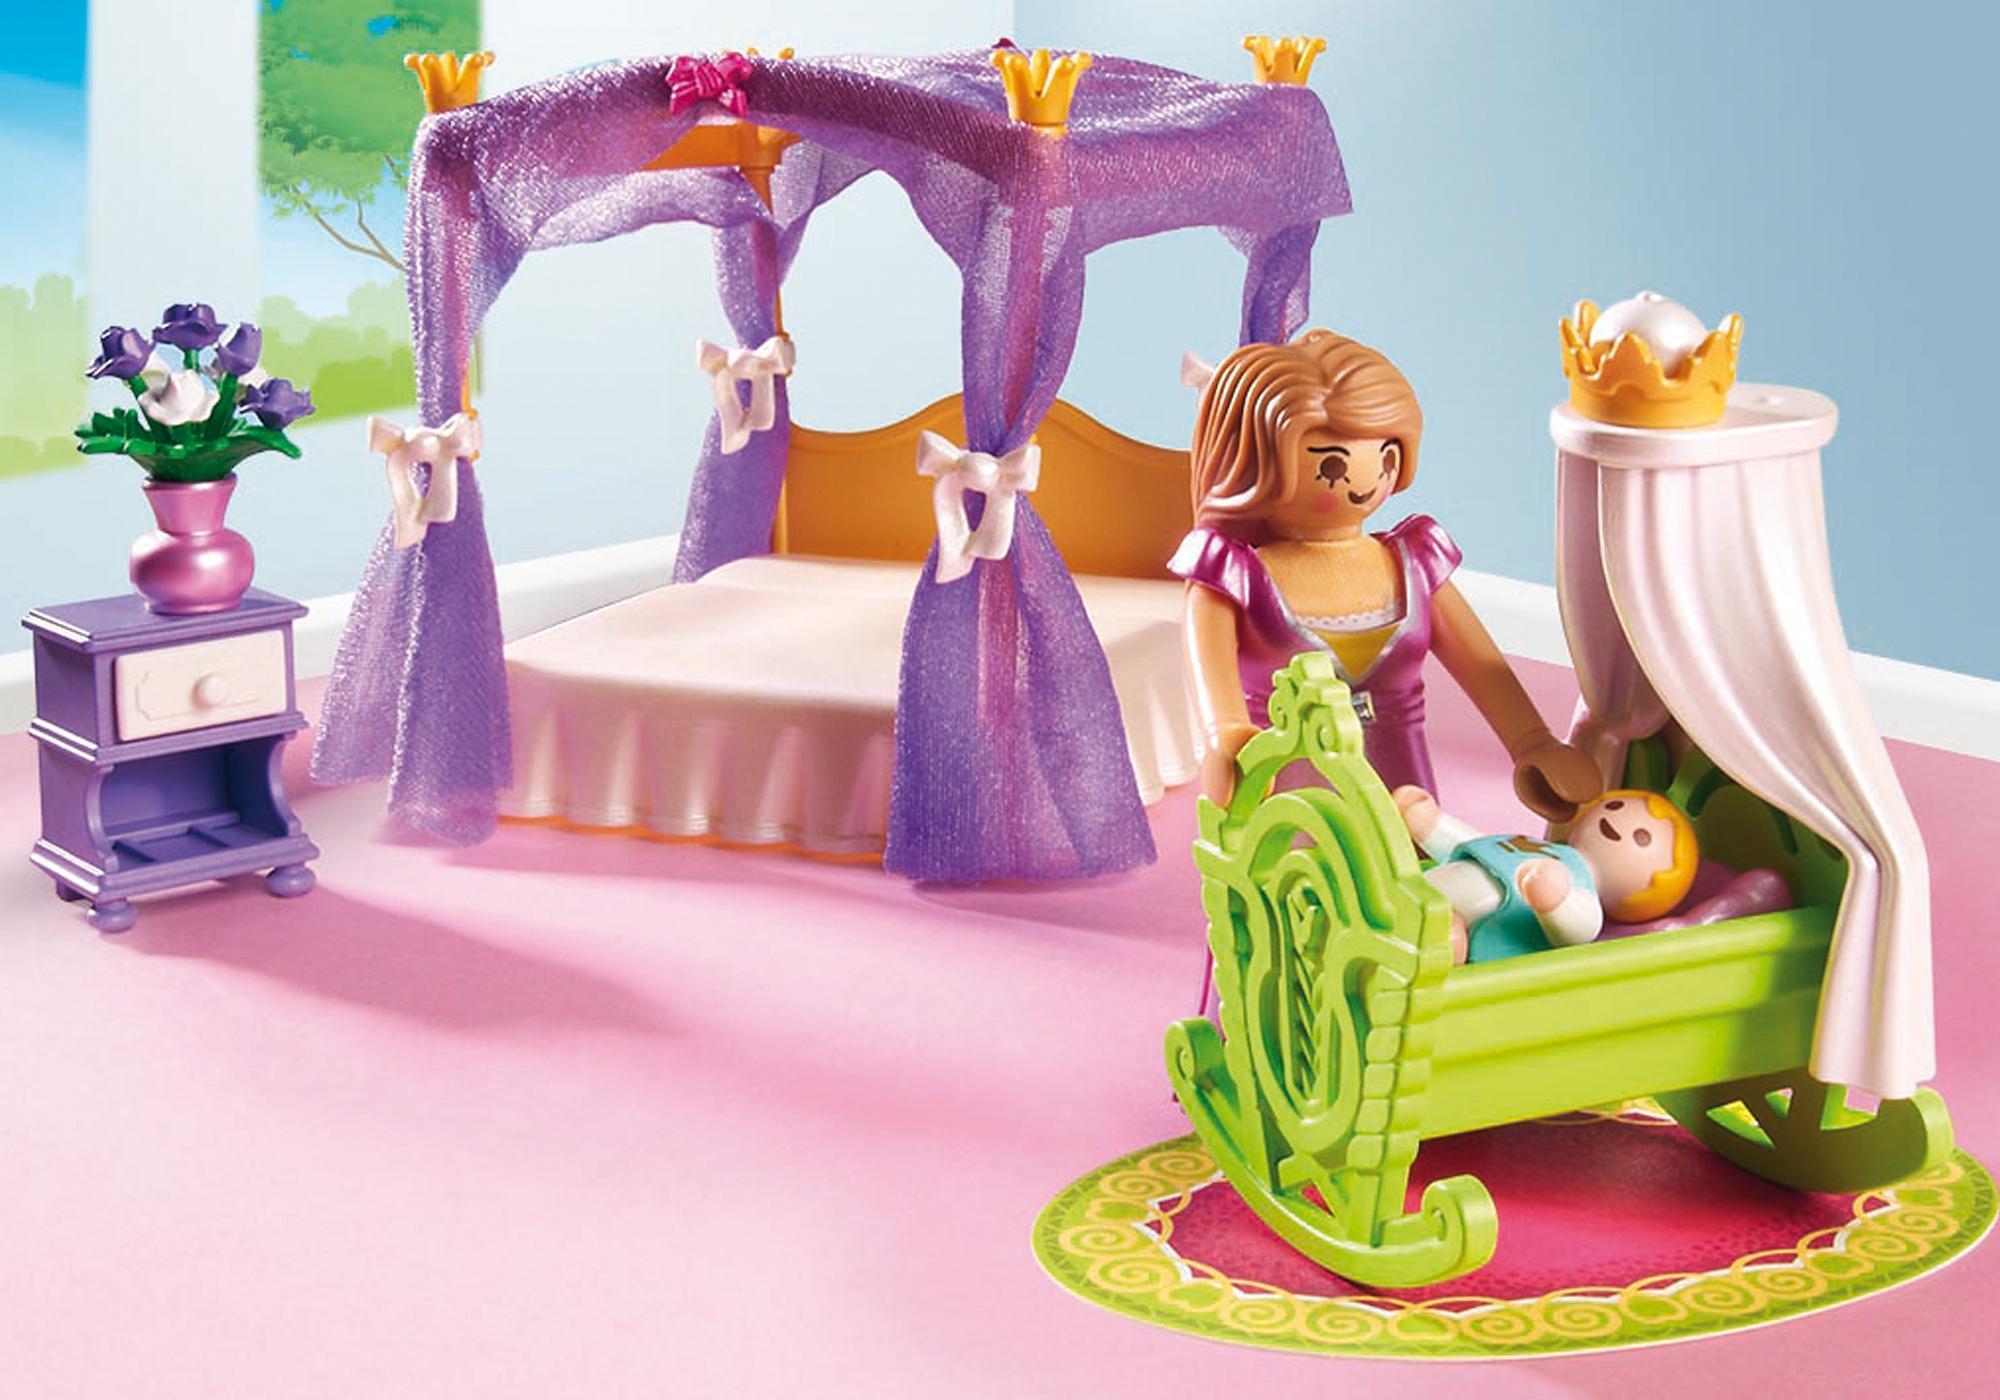 http://media.playmobil.com/i/playmobil/6851_product_extra1/Замок Принцессы: Покои Принцессы с колыбелью